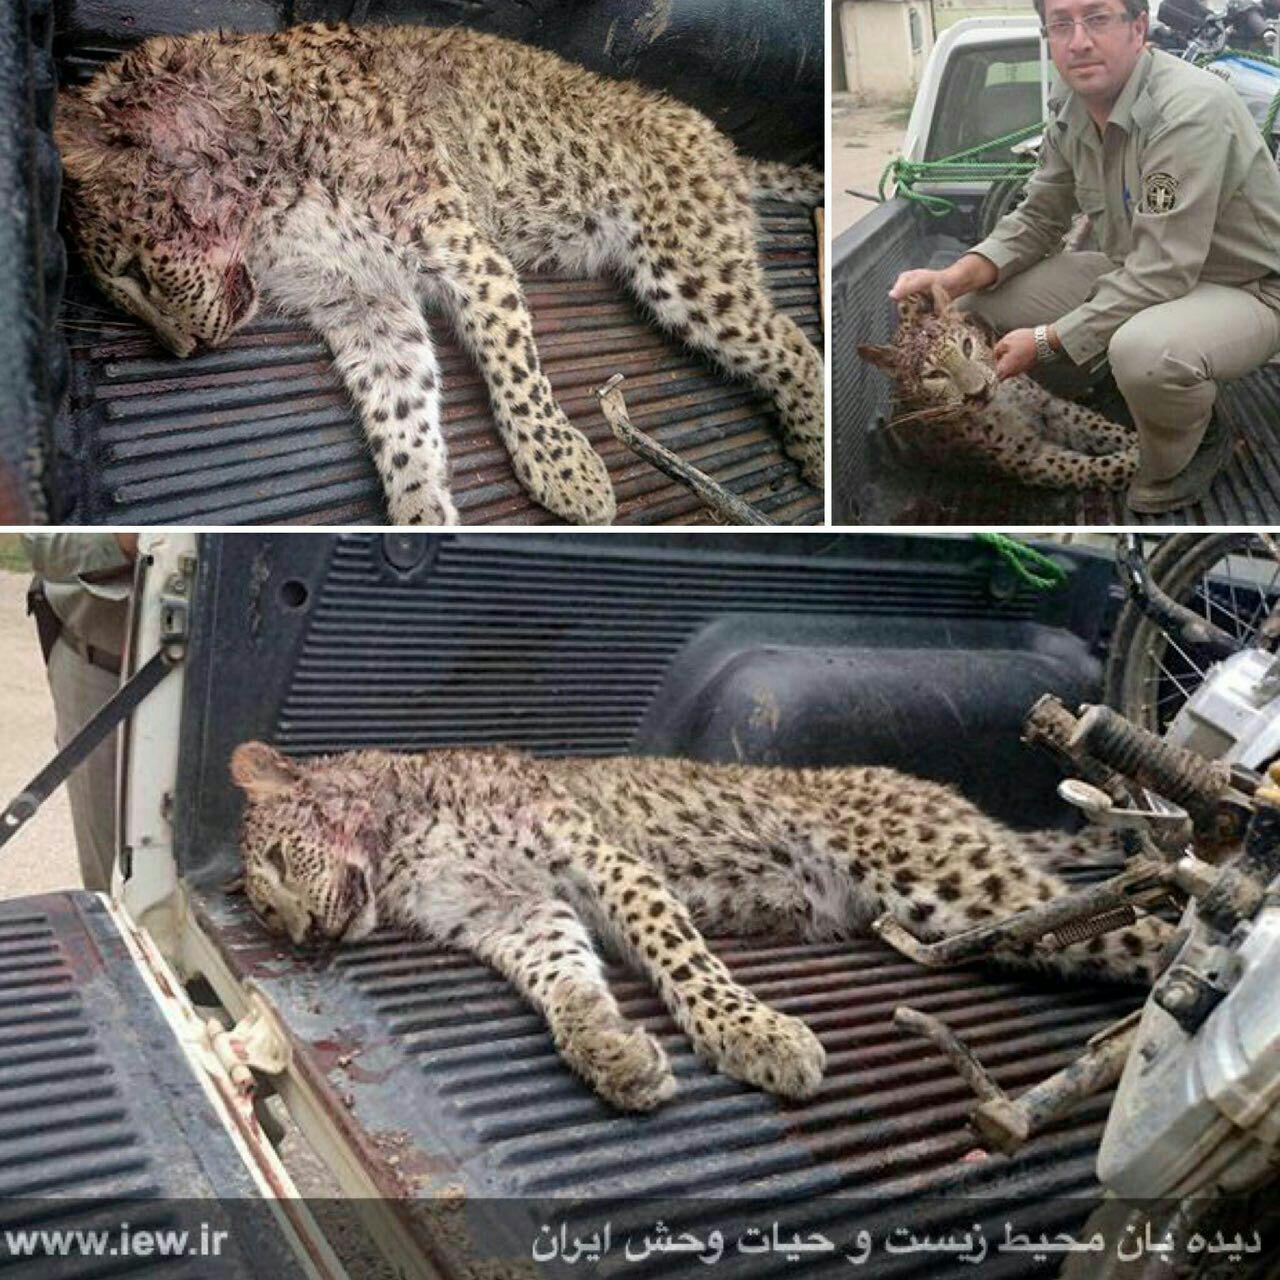 شکارچیان یک توله پلنگ را در مازندران کشتند (+عکس)